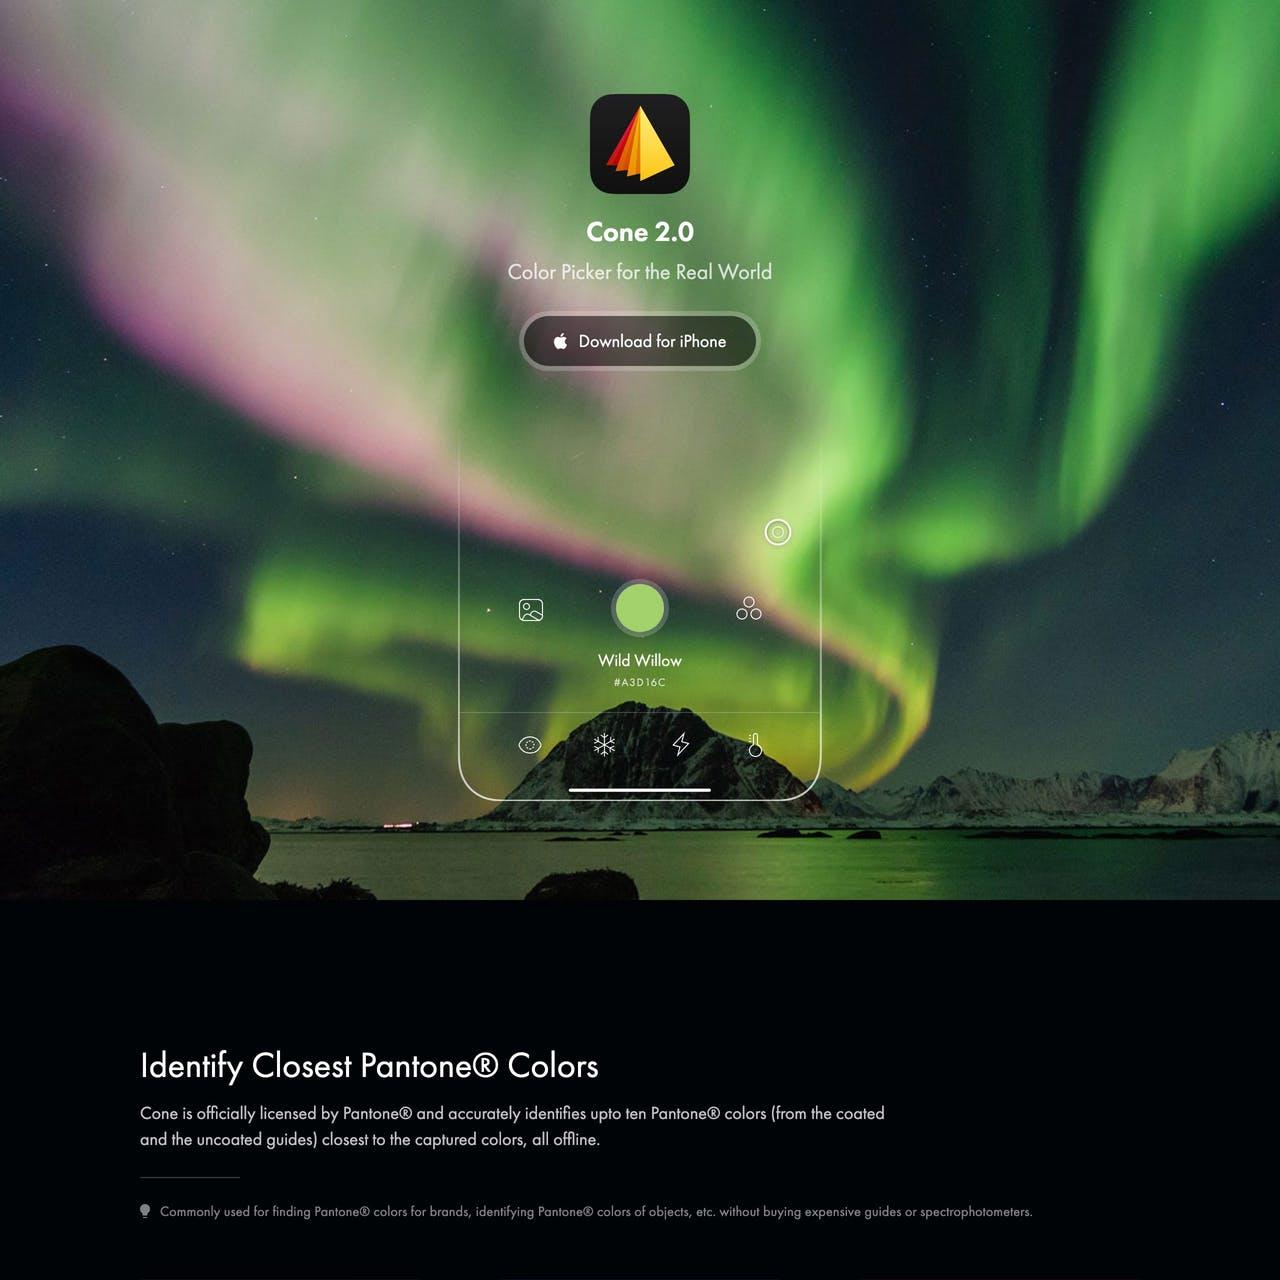 Cone Website Screenshot